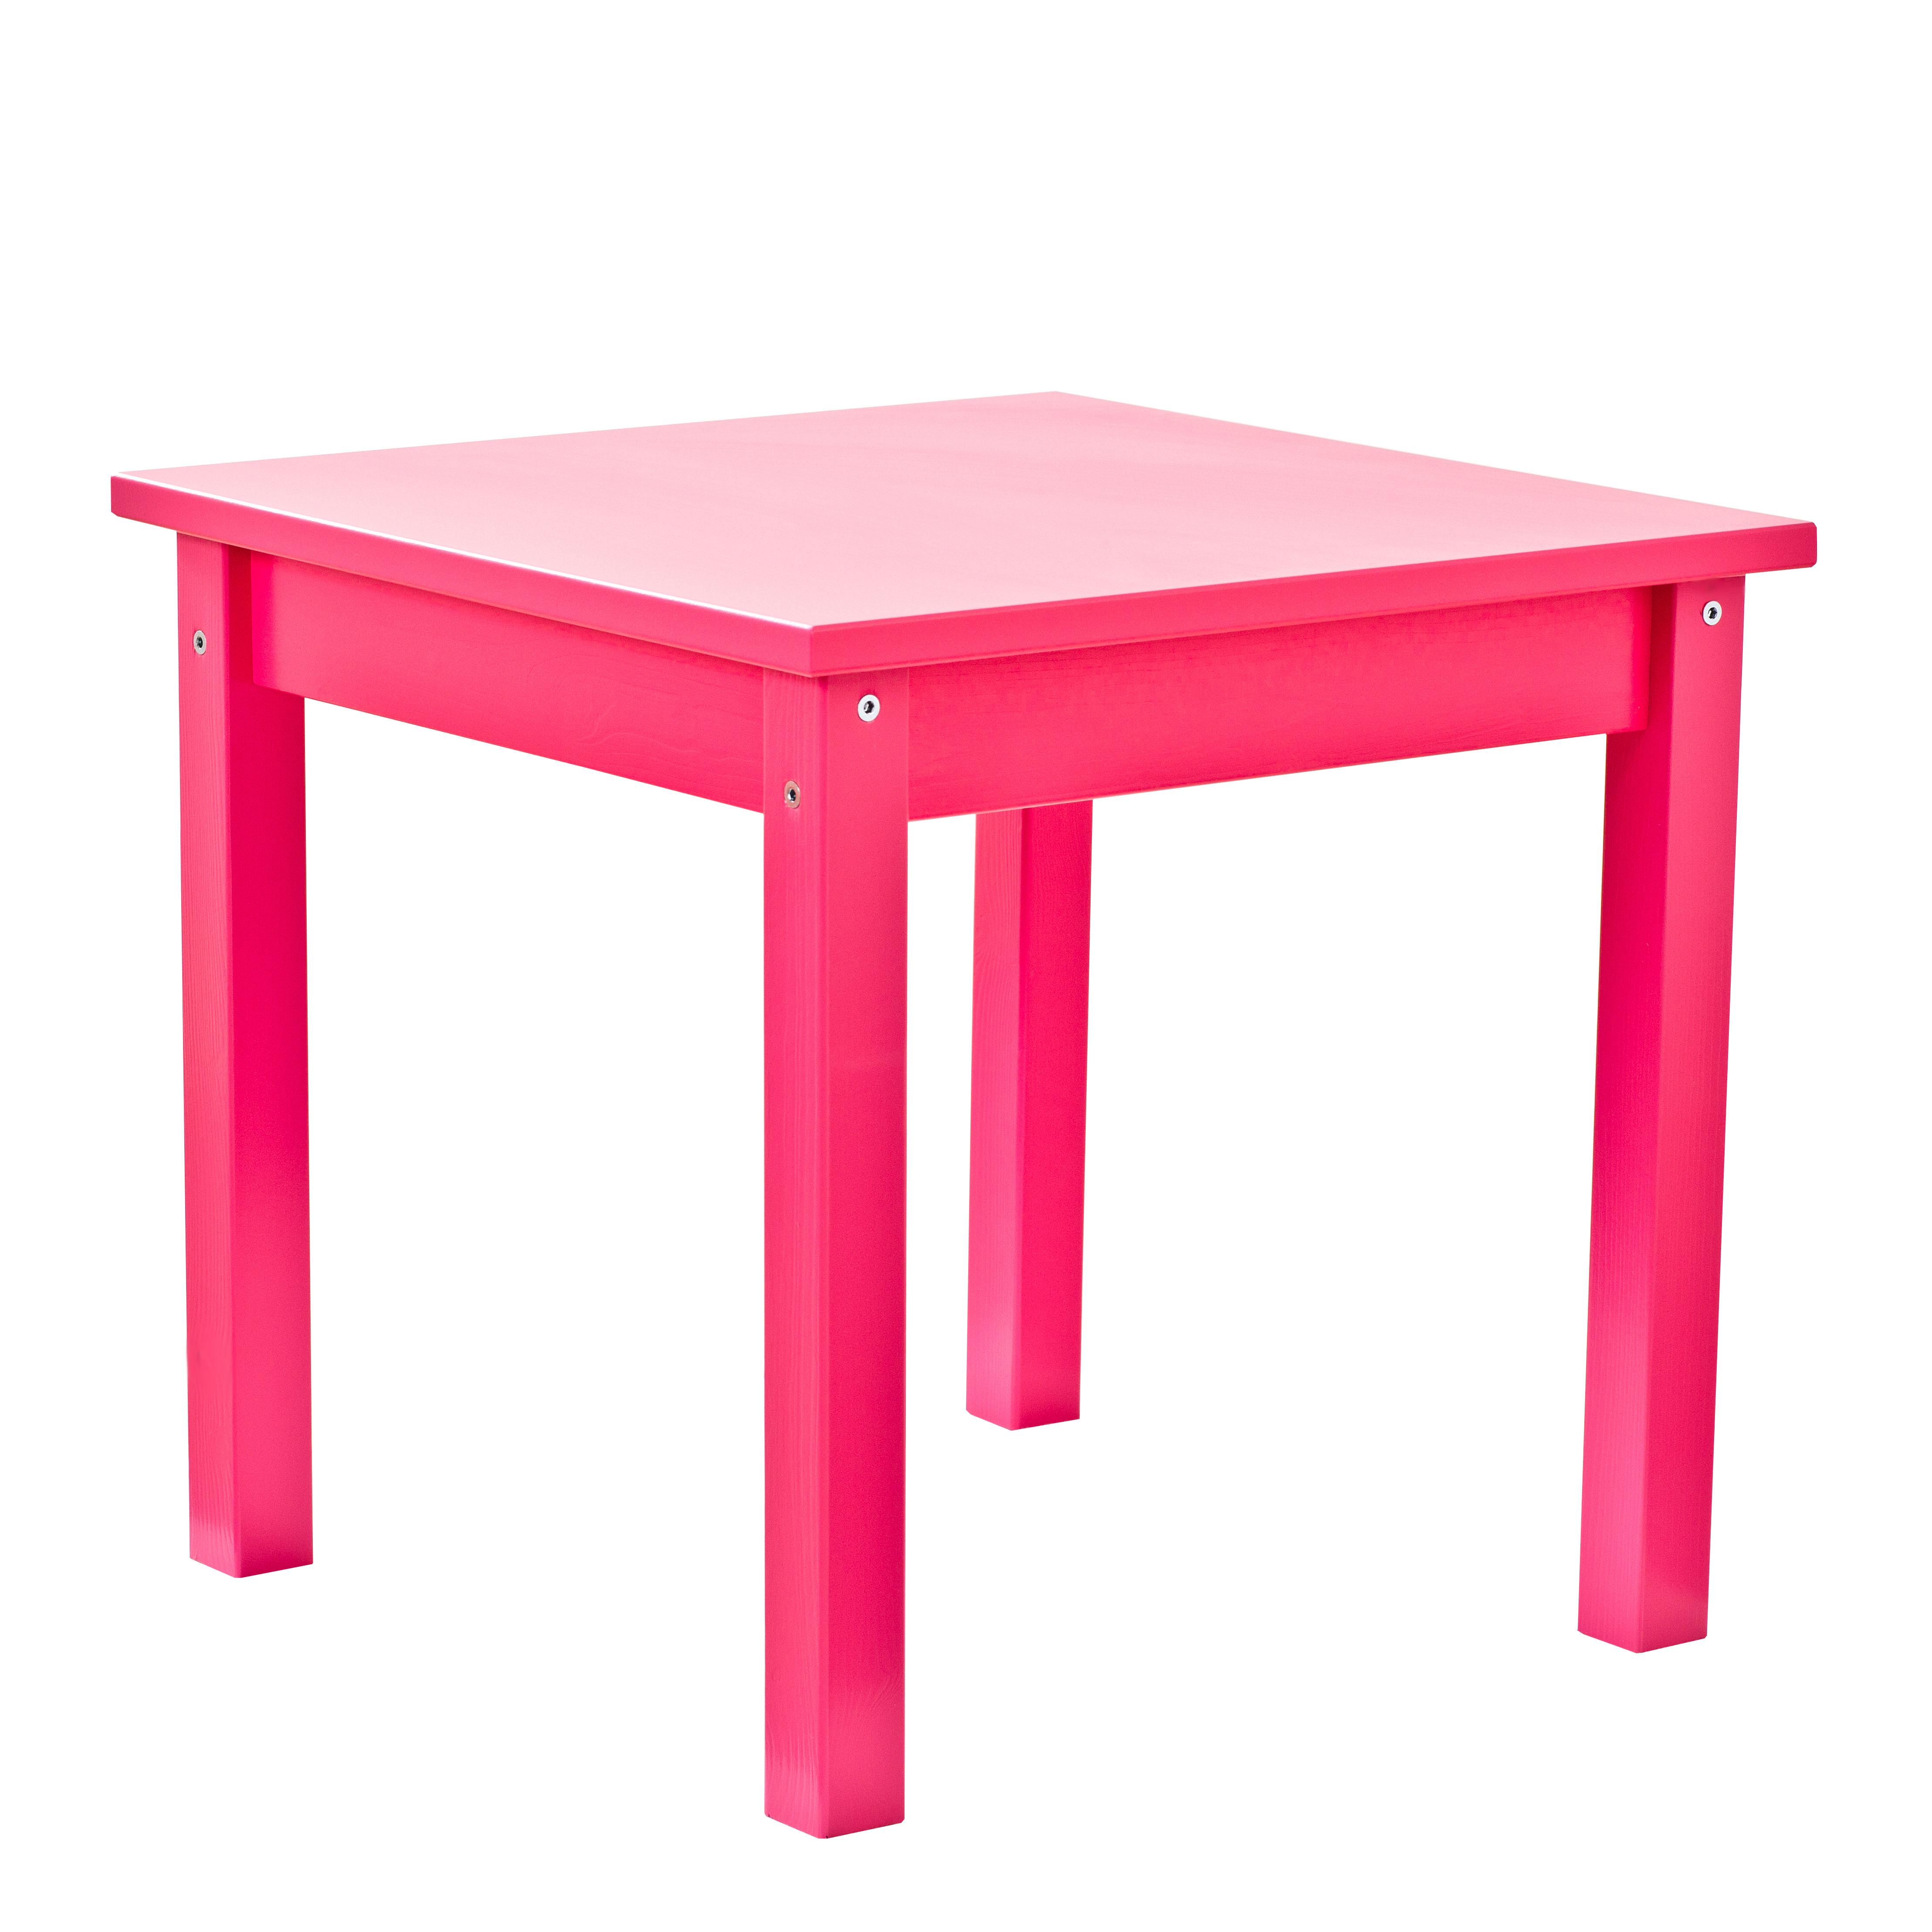 Image of   Hoppekids børnebord - Mads - Pink